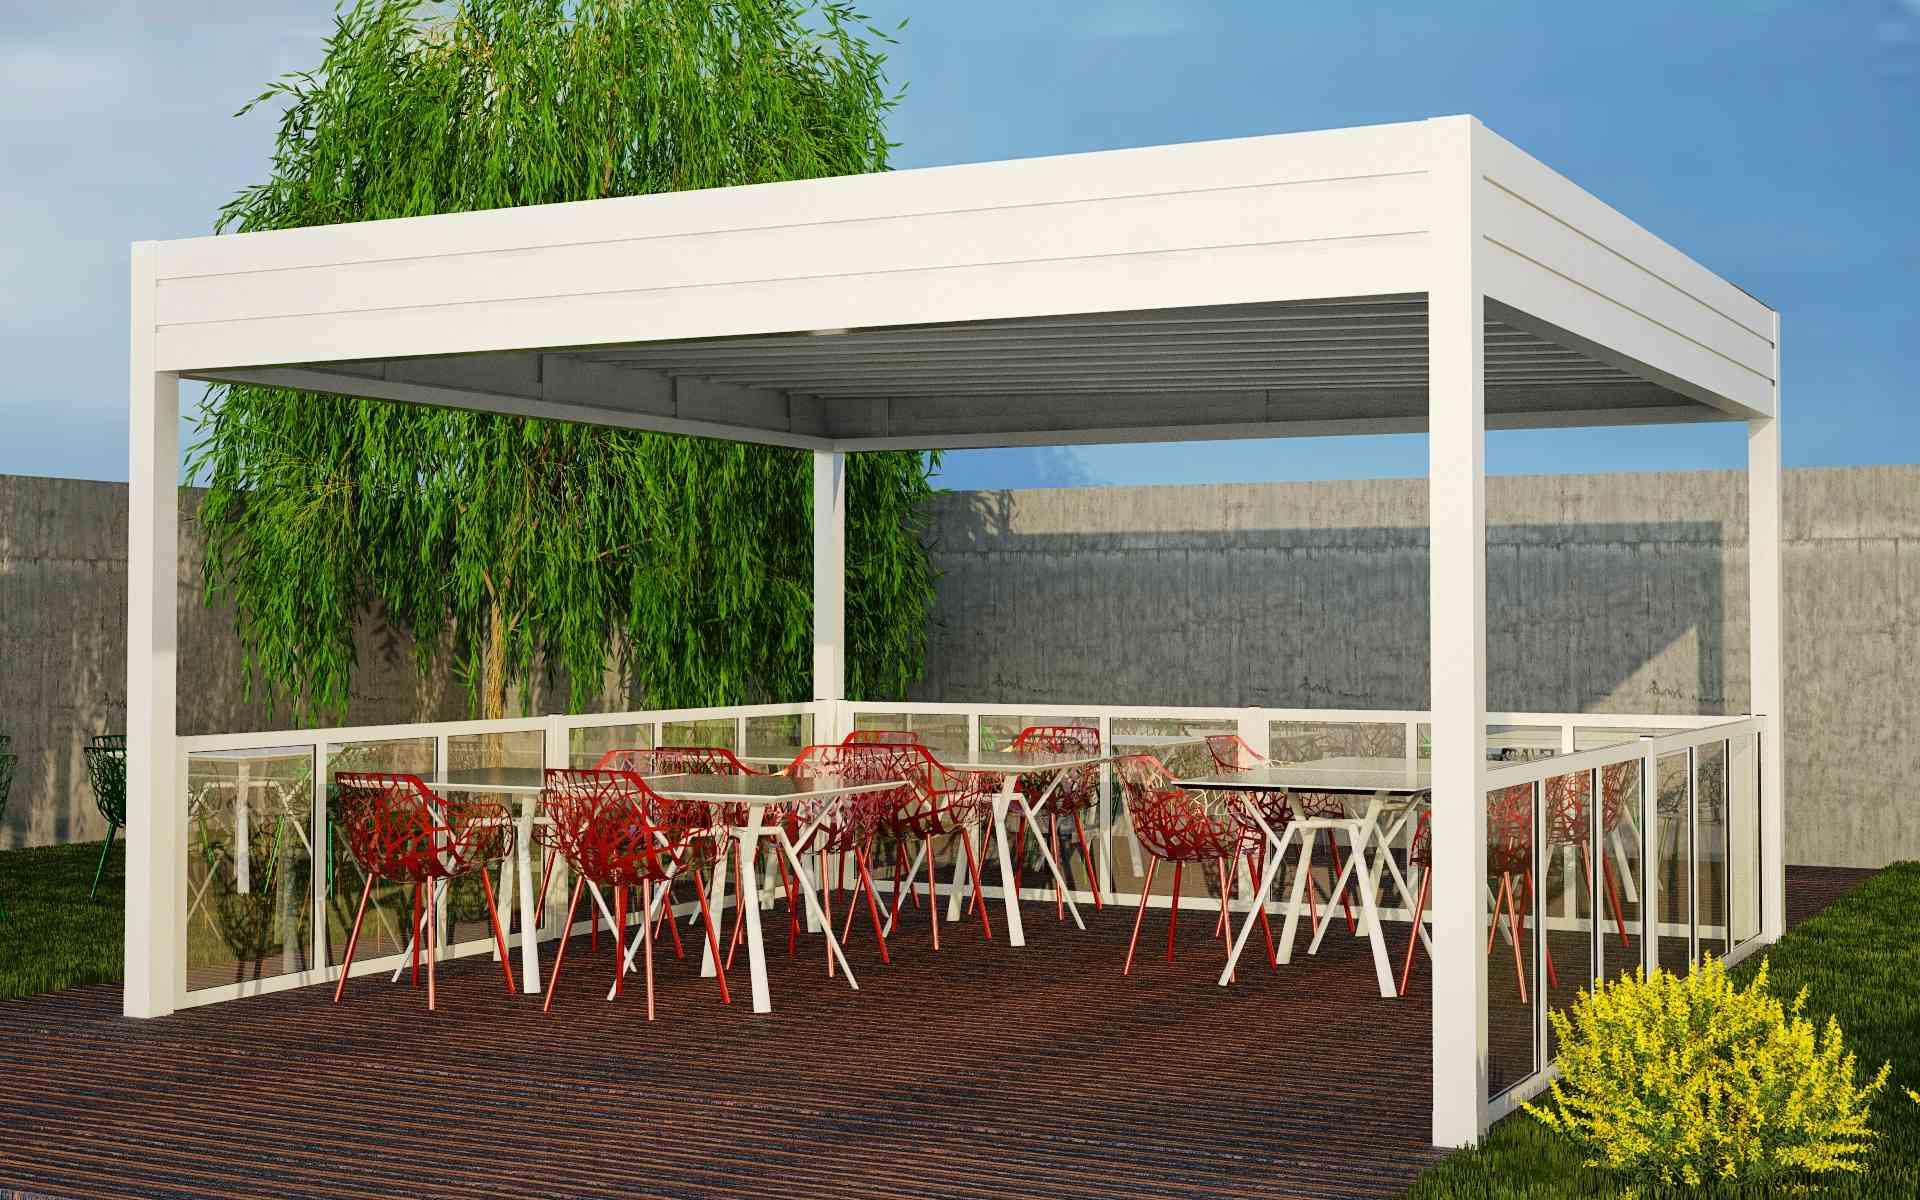 Paravento modulare per esterno in alluminio mod. GL PARAPETTO con pannello vetrato - Stameat srl - Produzione ed installazione - Belluno